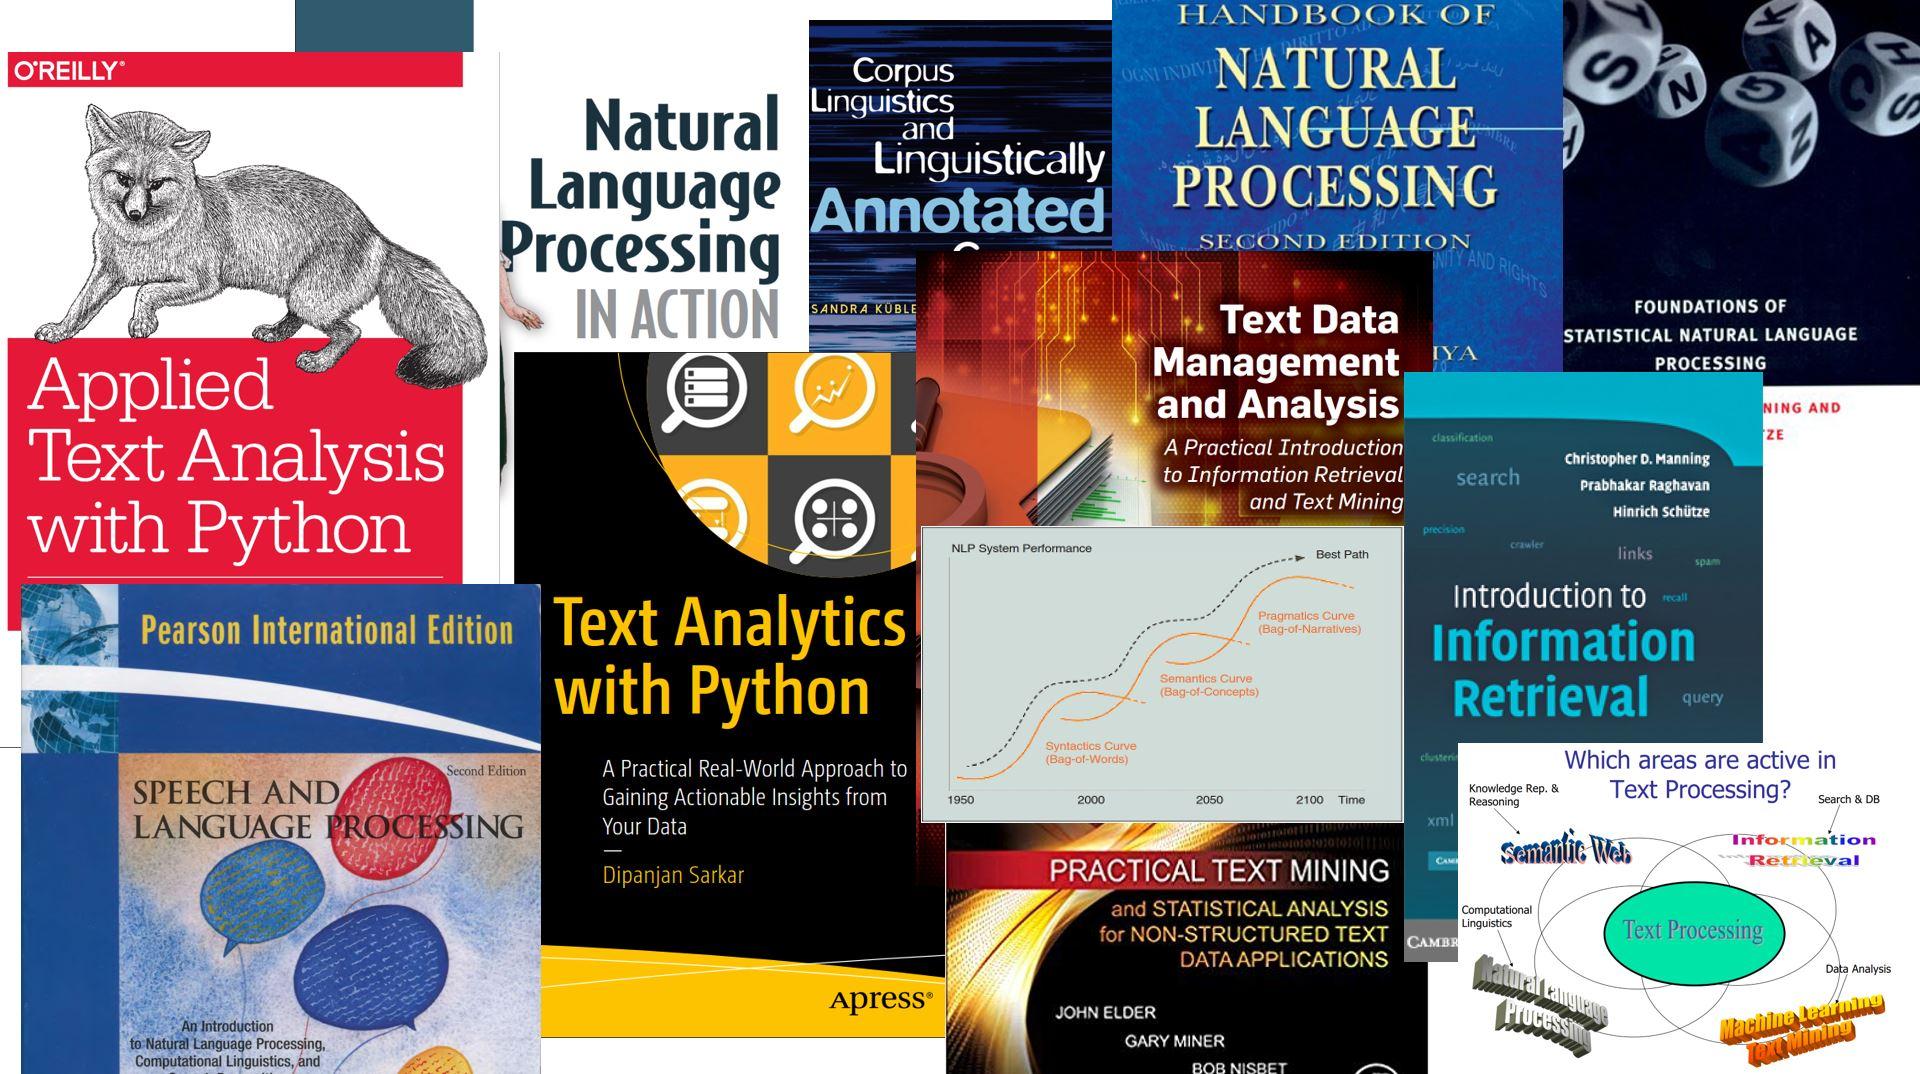 معرفی کتابهای برتر در زمینه متن کاوی و پردازش زبان طبیعی